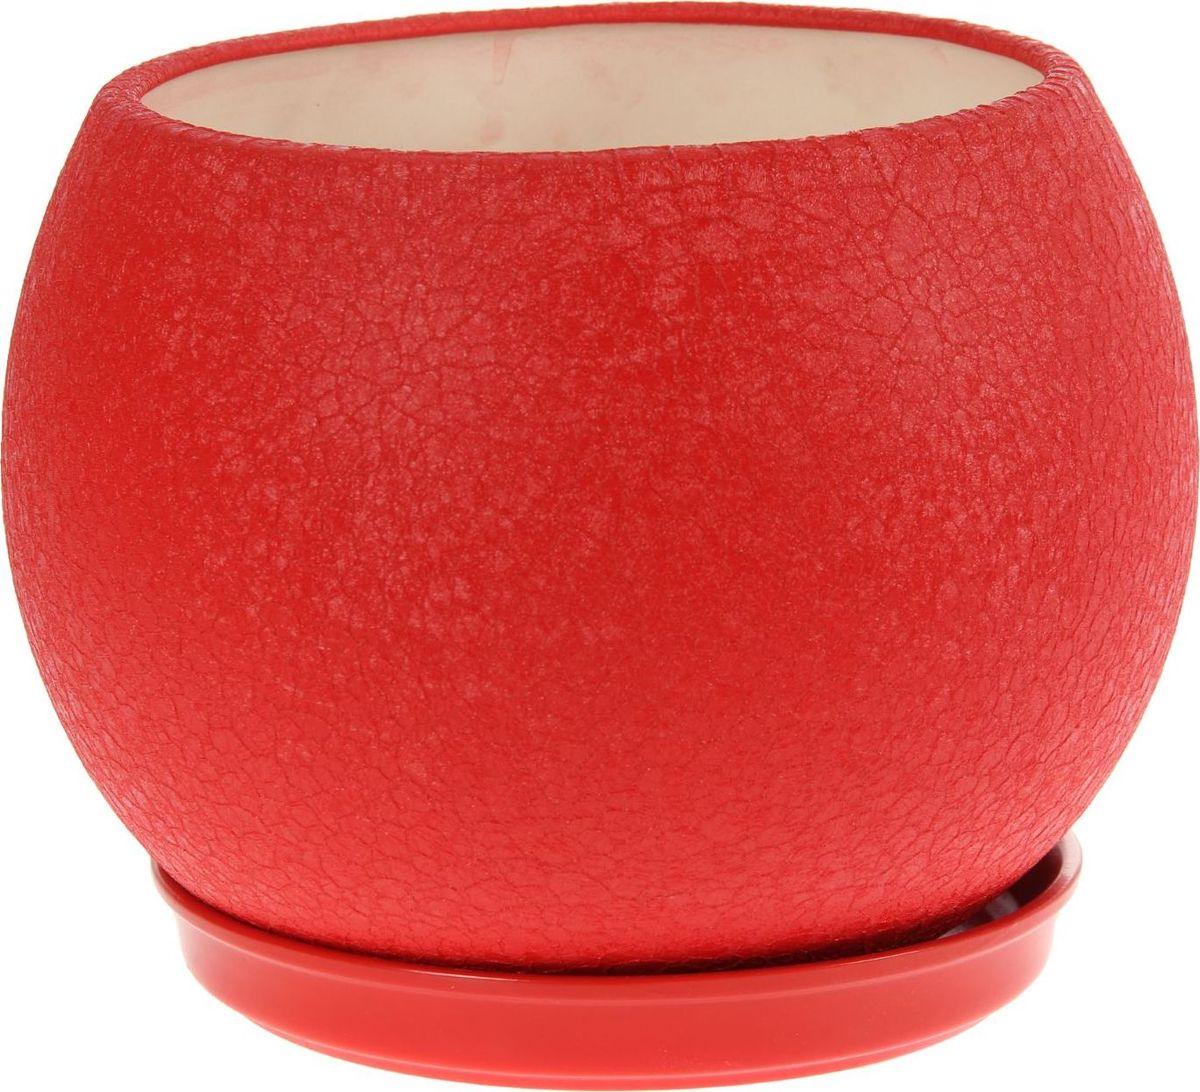 Кашпо Керамика ручной работы Шар, цвет: красный, 9 л1136898Комнатные растения — всеобщие любимцы. Они радуют глаз, насыщают помещение кислородом и украшают пространство. Каждому из них необходим свой удобный и красивый дом. Кашпо из керамики прекрасно подходят для высадки растений: за счет пластичности глины и разных способов обработки существует великое множество форм и дизайнов пористый материал позволяет испаряться лишней влаге воздух, необходимый для дыхания корней, проникает сквозь керамические стенки! позаботится о зеленом питомце, освежит интерьер и подчеркнет его стиль.